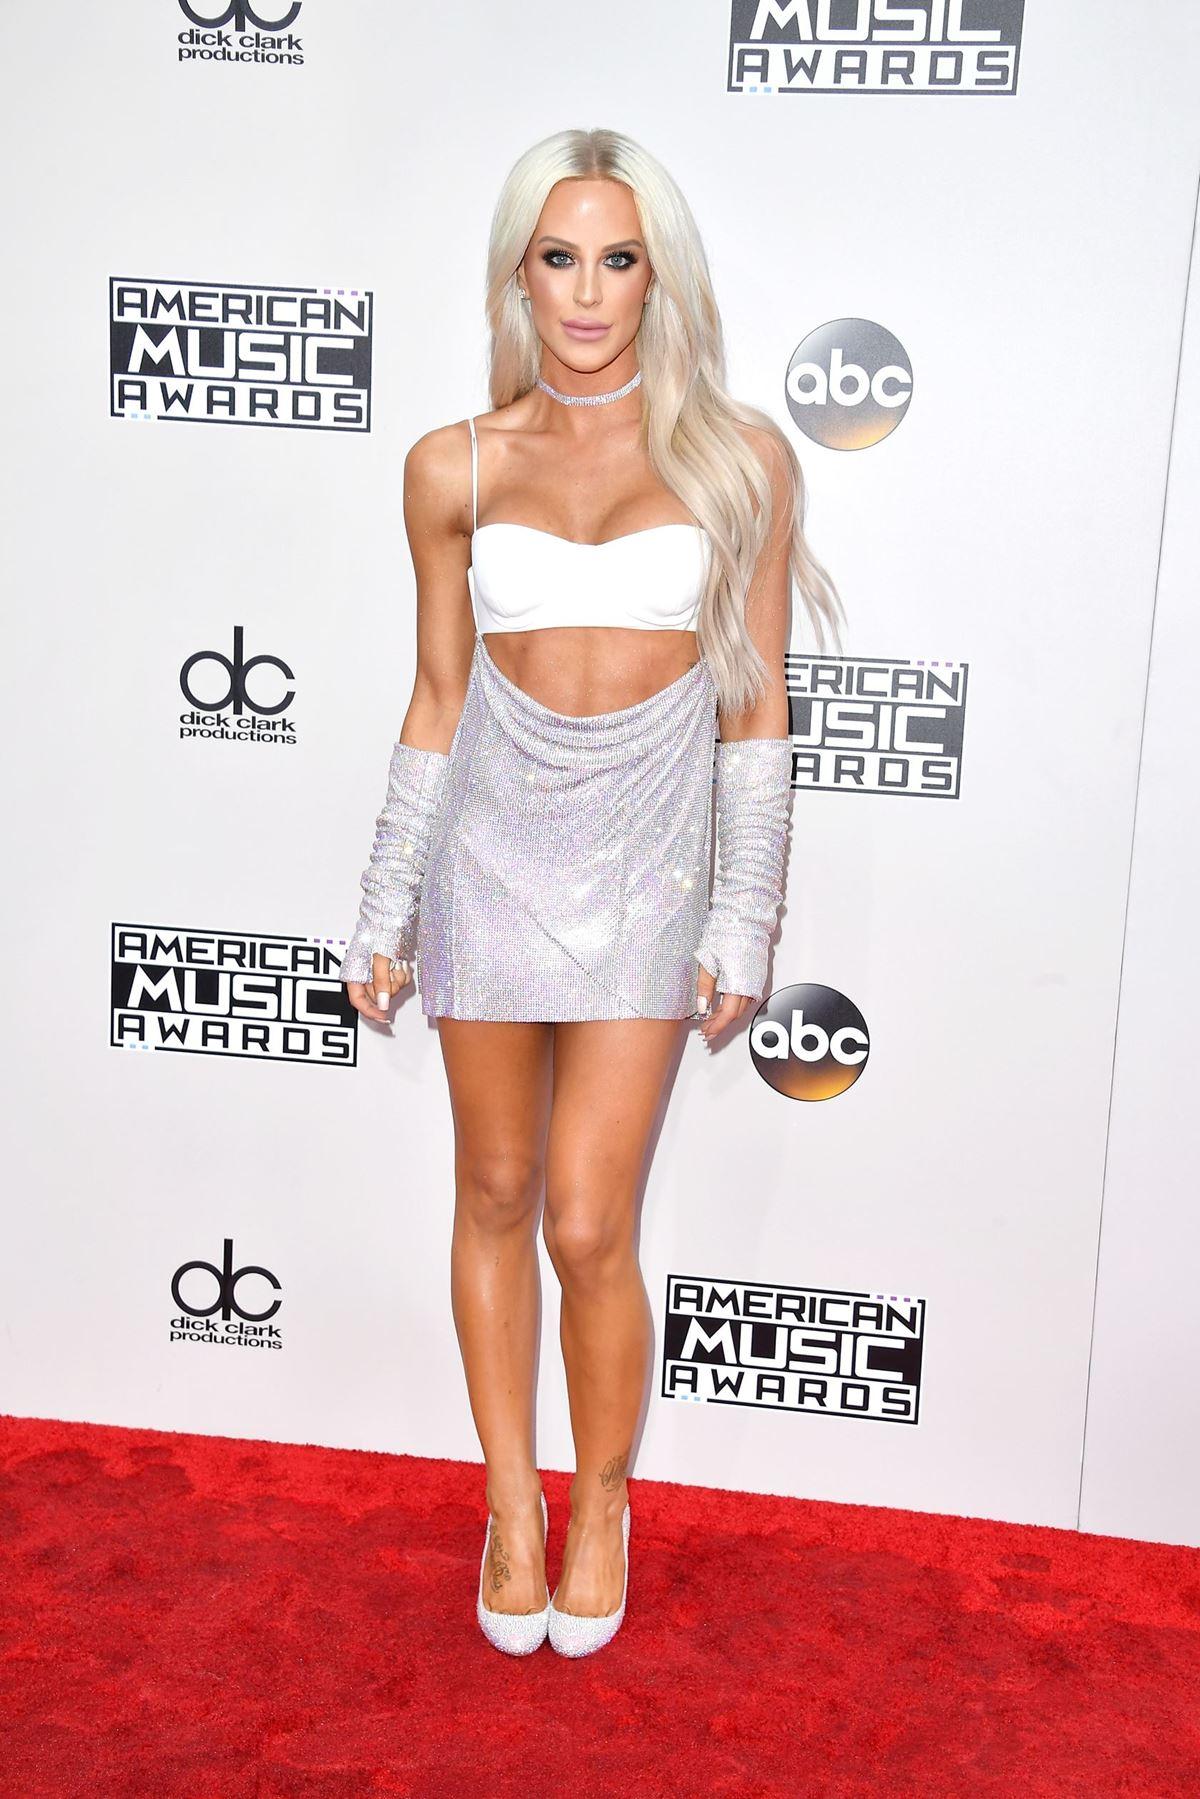 **Gigi Gorgeous** looking, well, *gorgeous*.